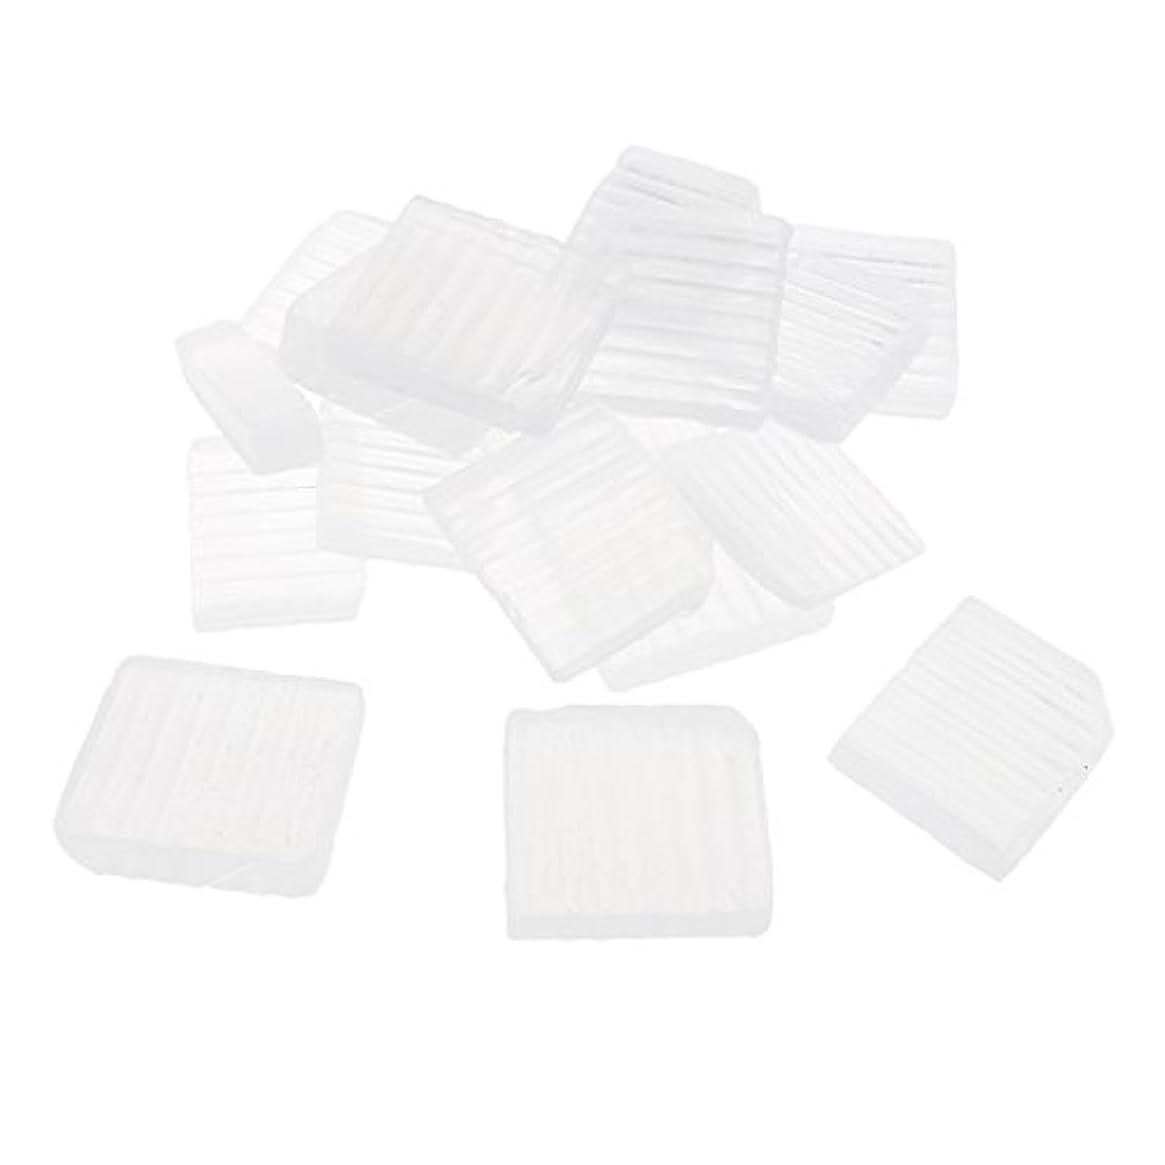 南極成長する置くためにパック透明 石鹸ベース DIY 手作り 石鹸 約1 KG